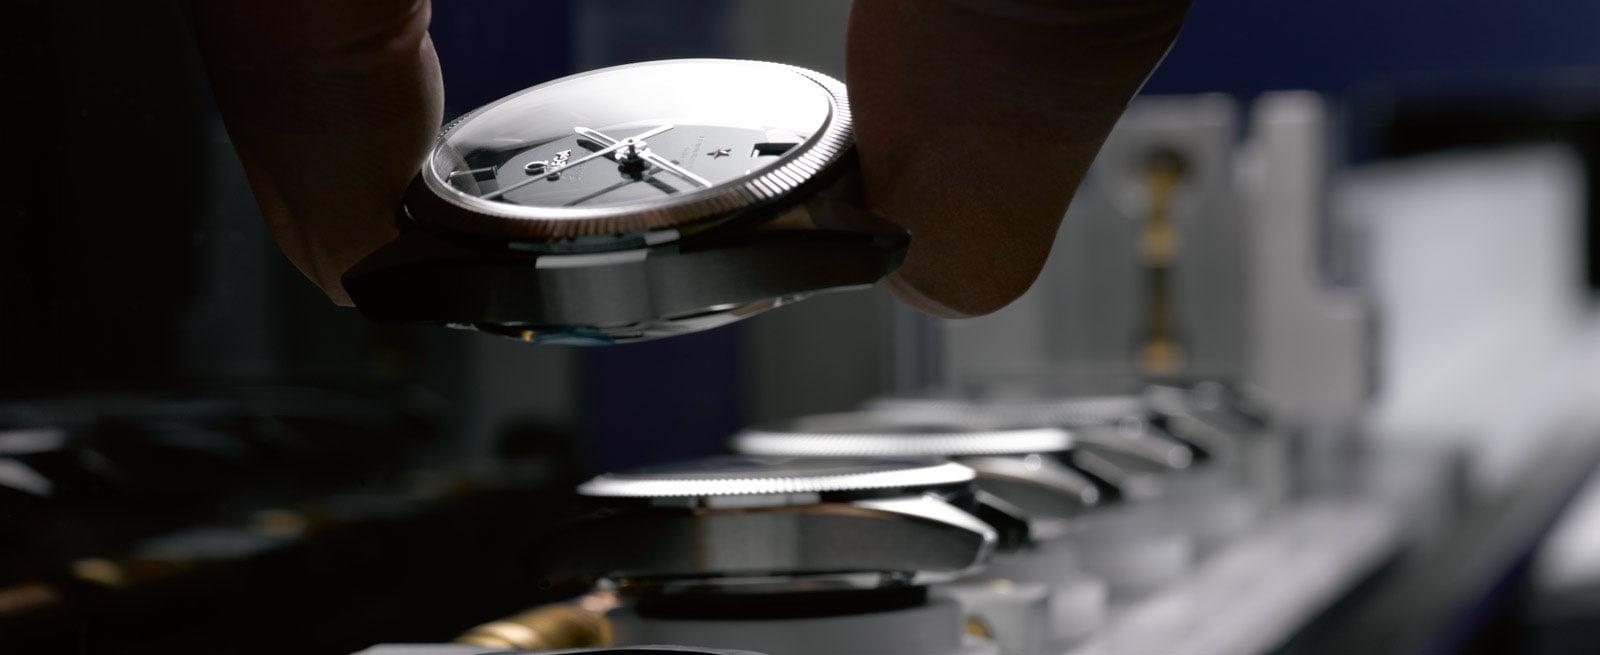 欧米茄产品系列: 星座系列 - 尊霸腕表 - 前所未有的检测认证